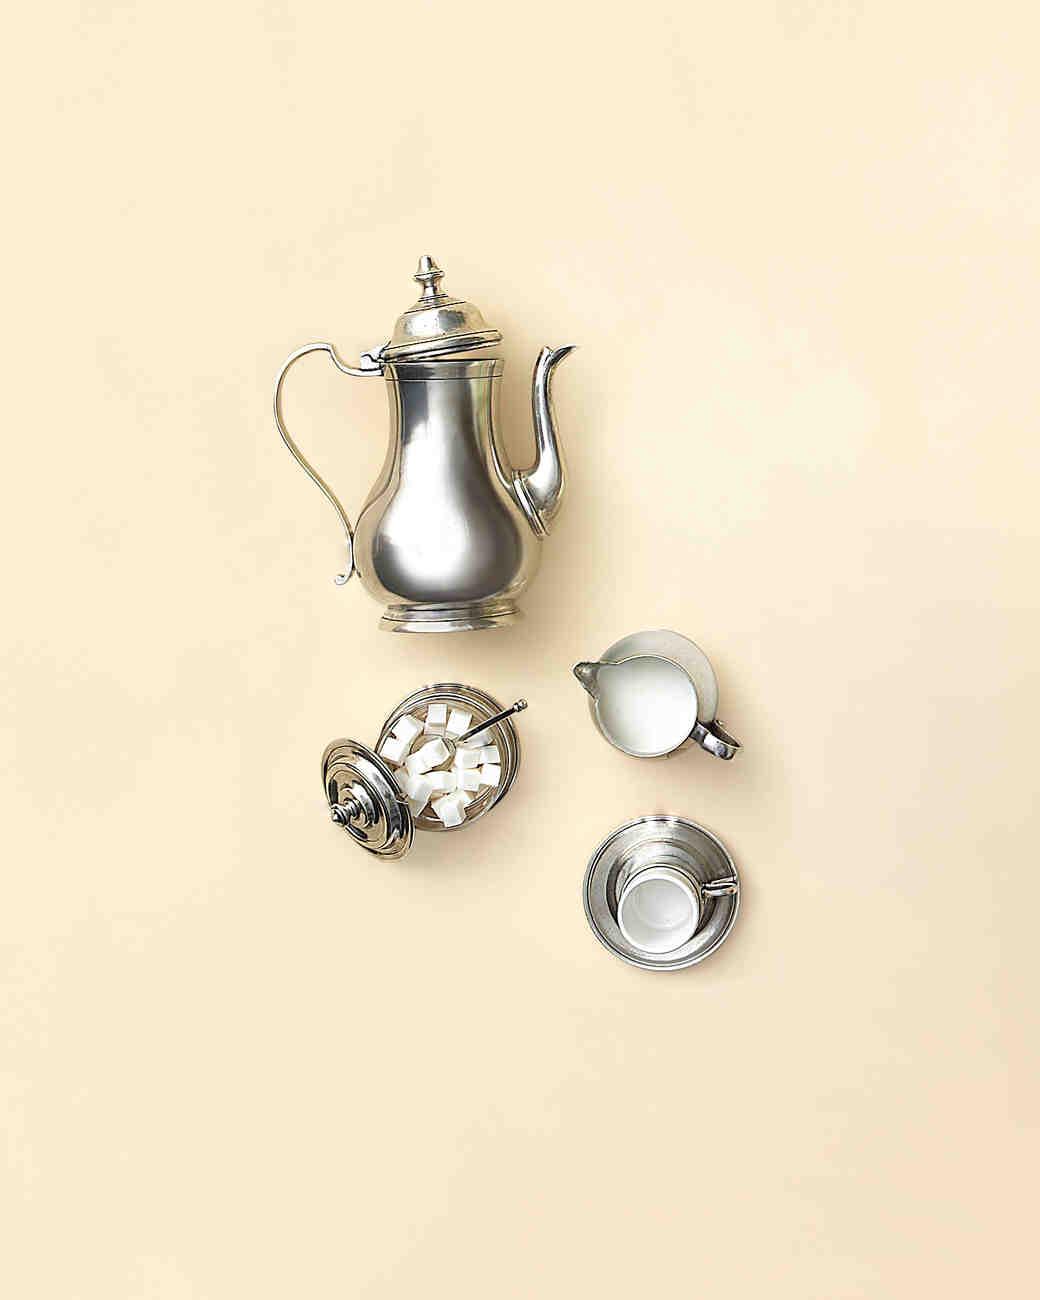 modern-trousseau-tea-set-mwd108878.jpg